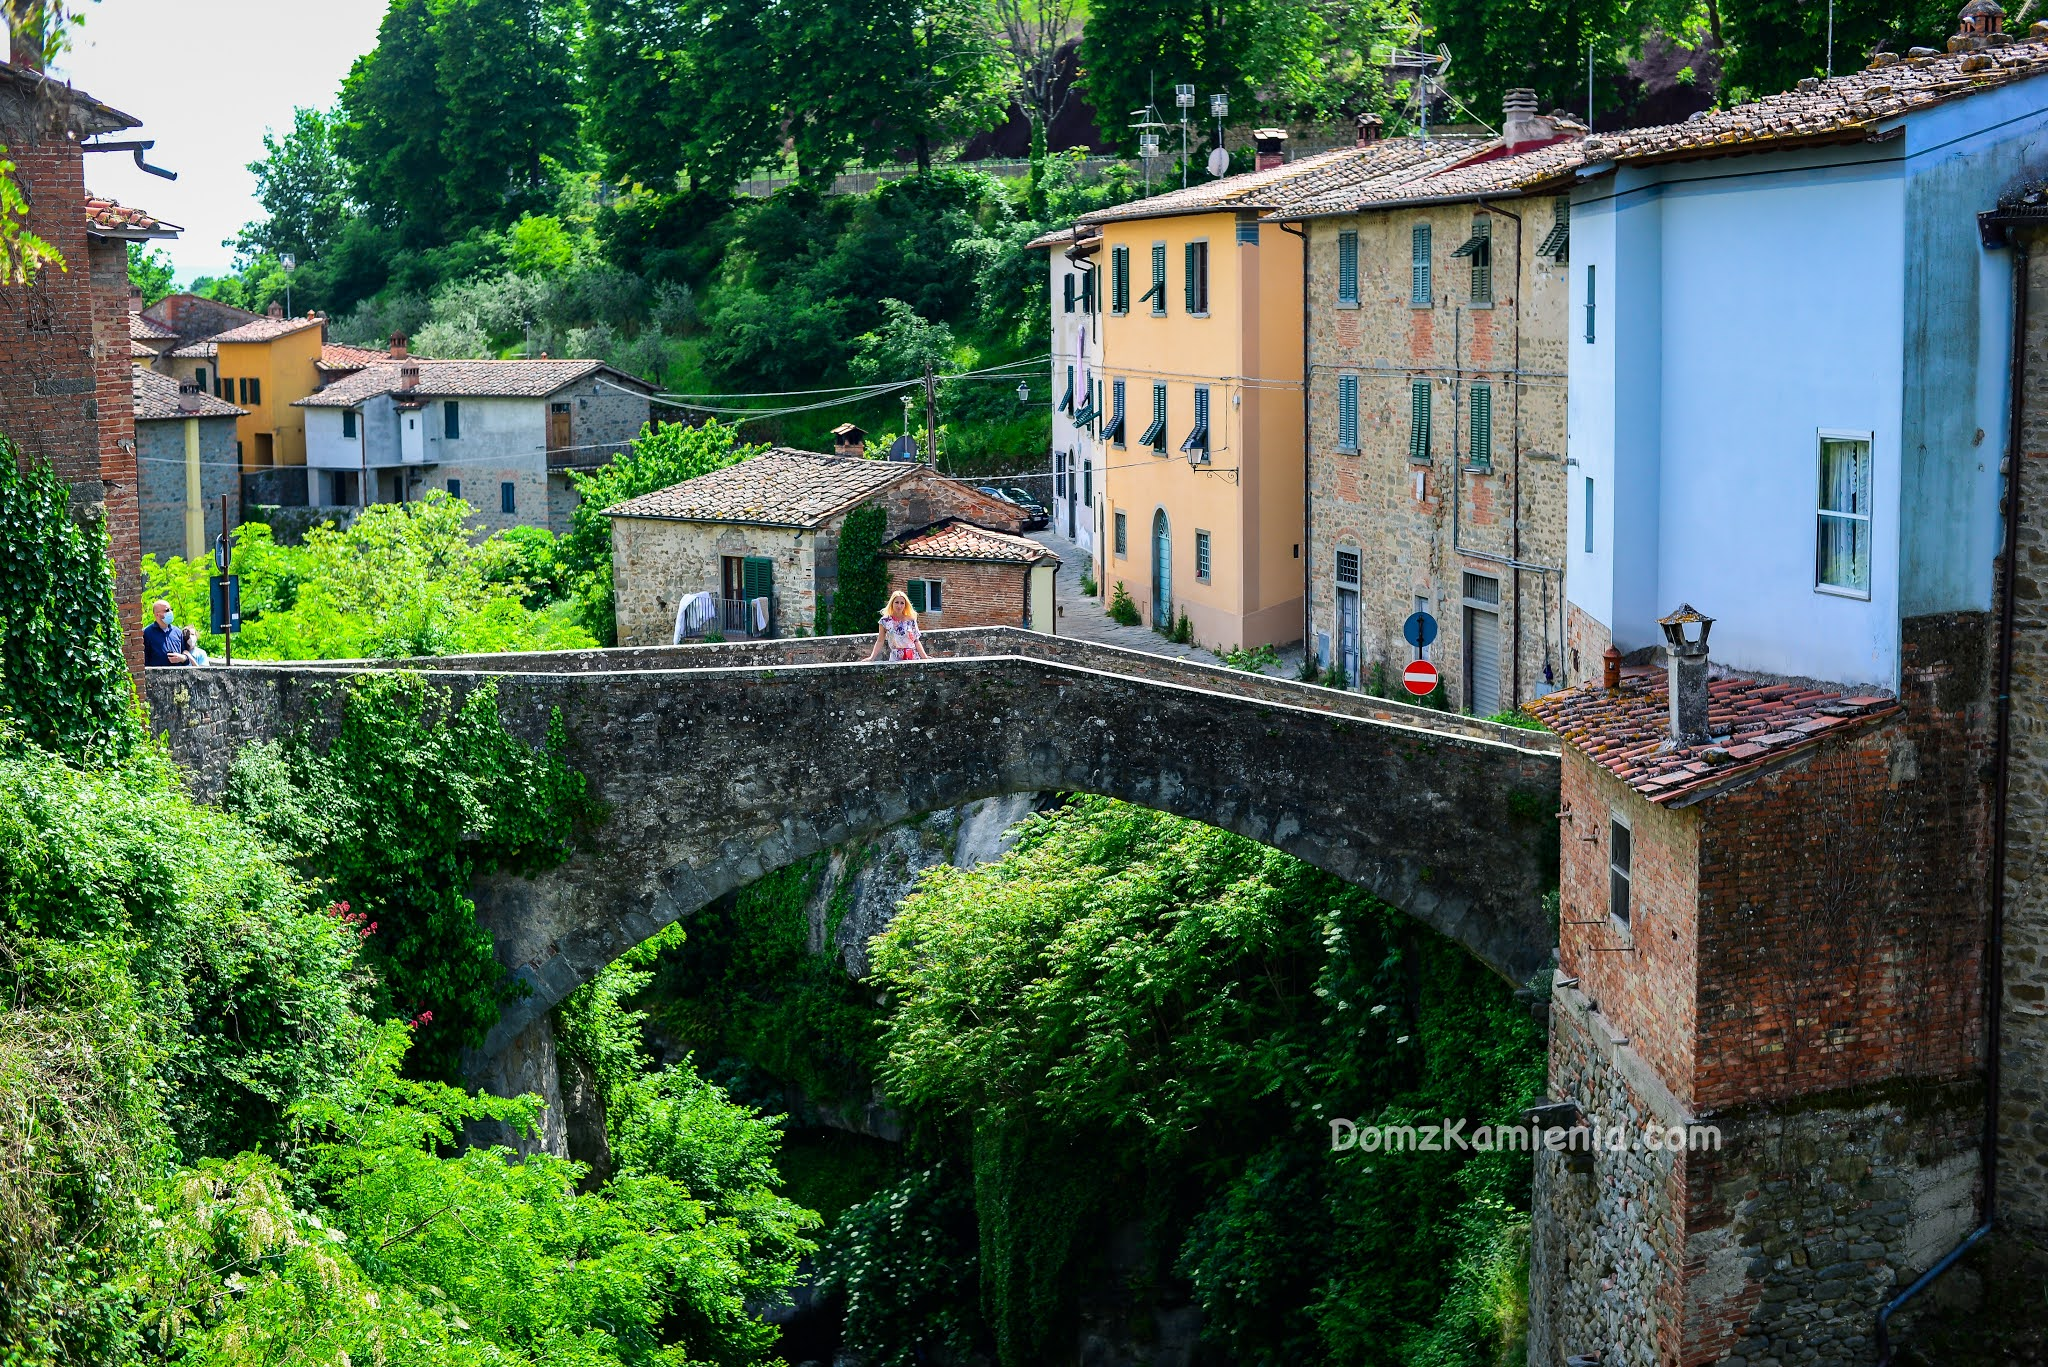 Loro Ciuffenna, Dom z Kamienia, blog o życiu w Toskanii